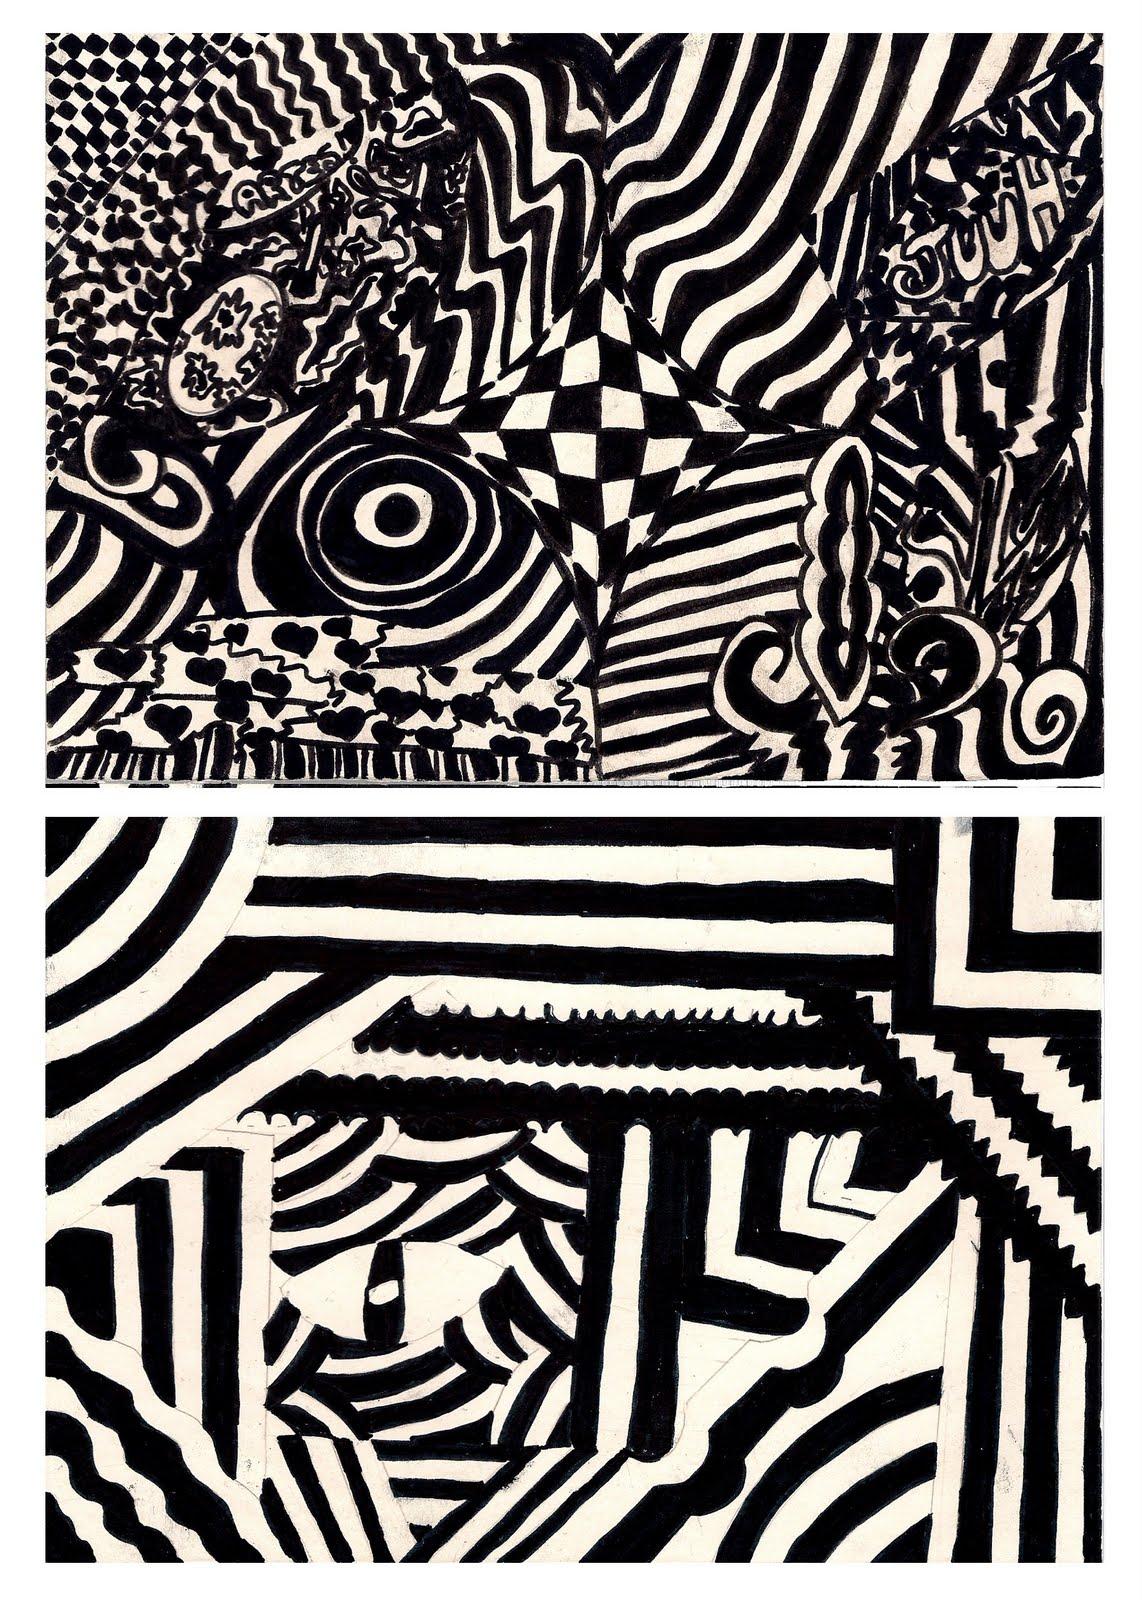 Tipos de arte abstrata